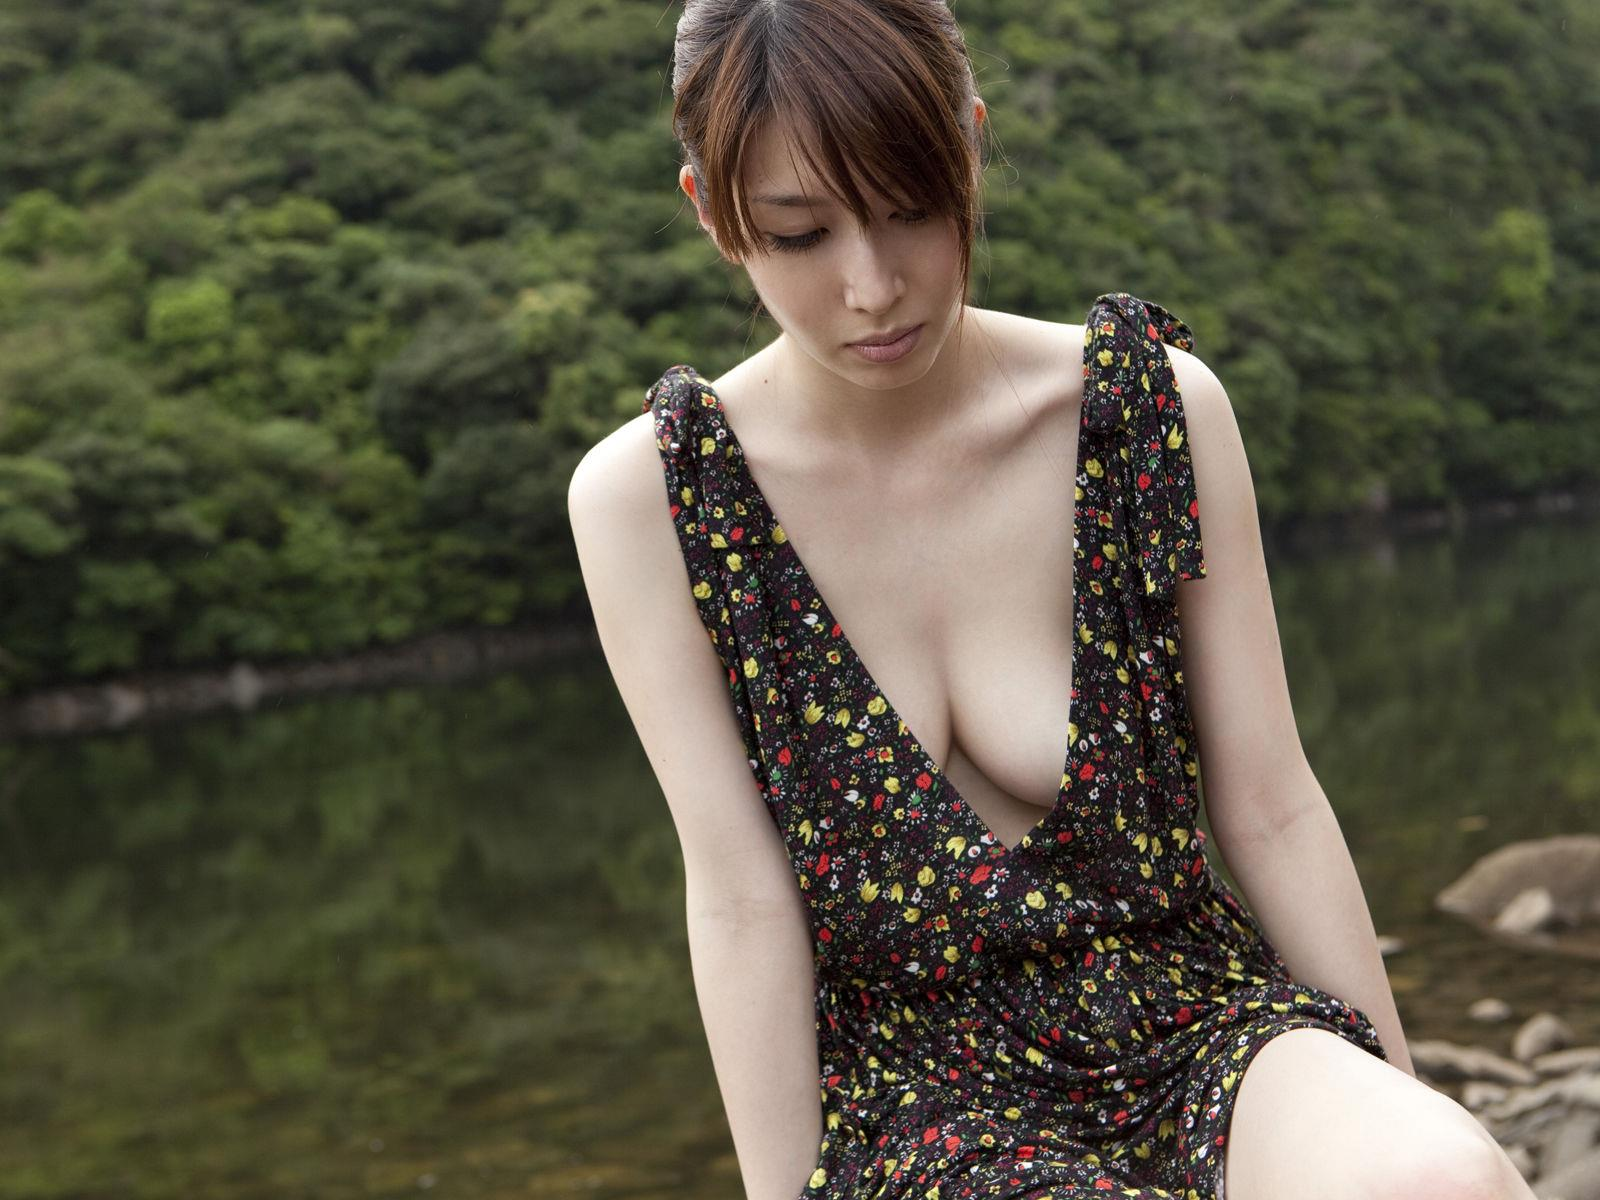 小林恵美 セミヌード画像 82